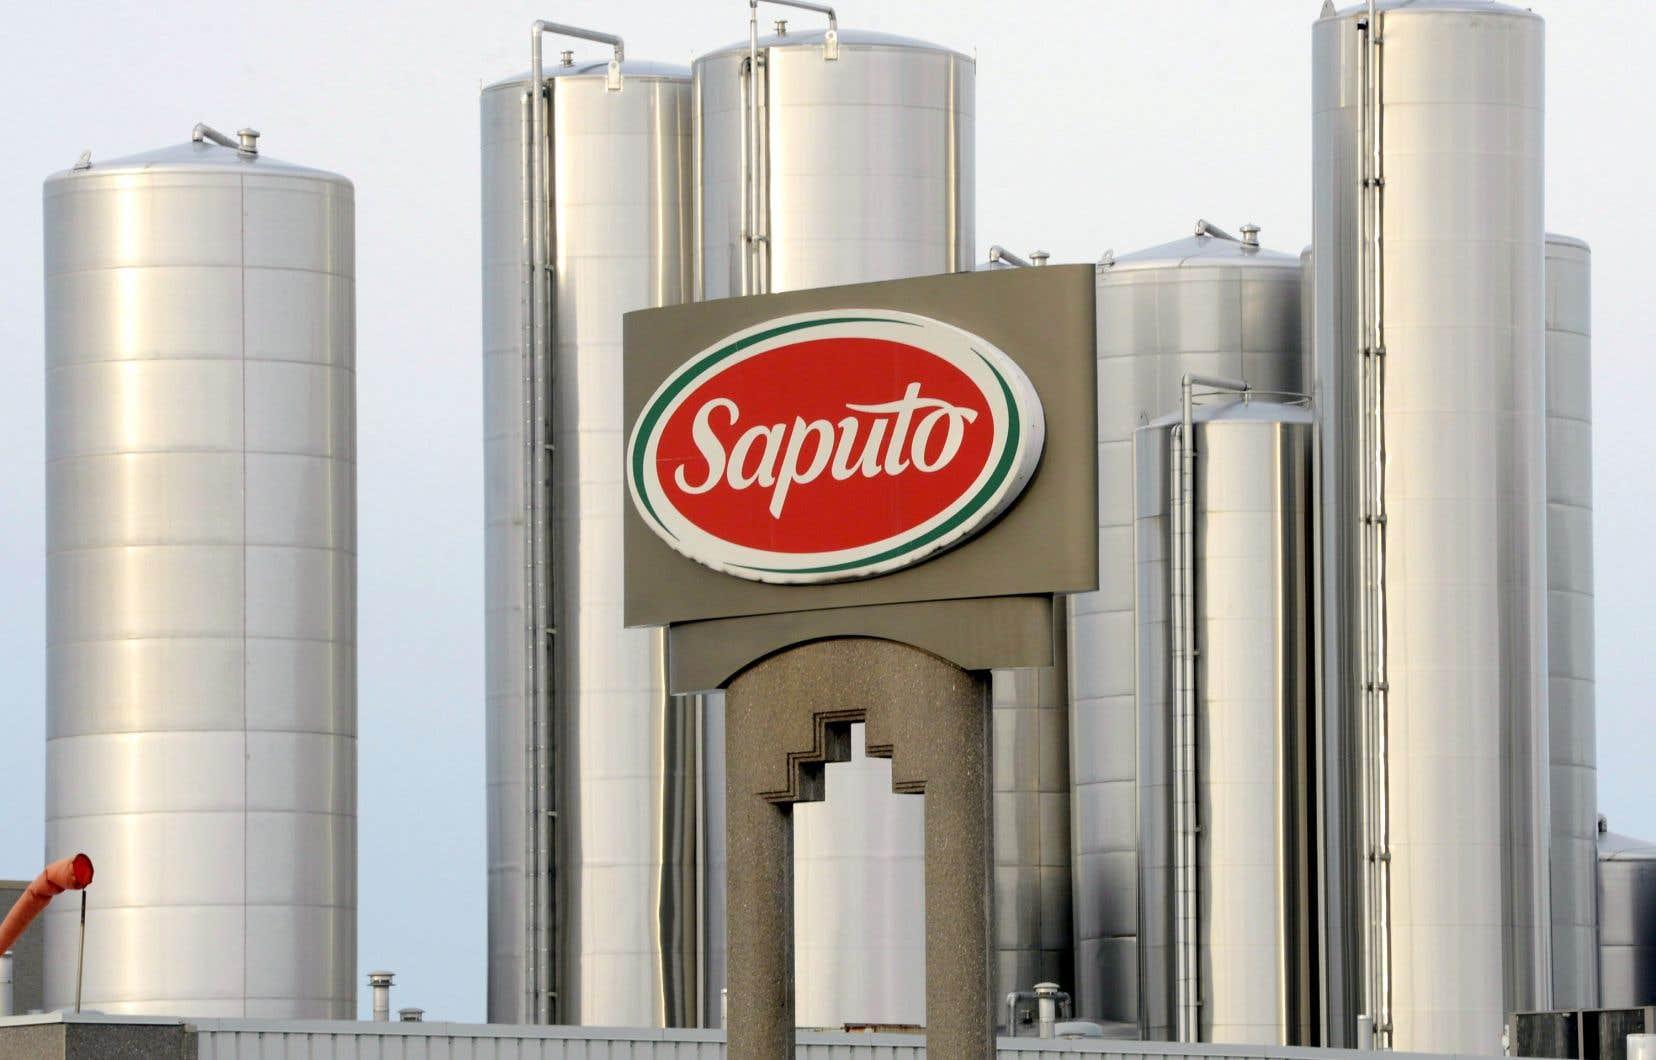 Le producteur laitier québécois Saputo détient un peu moins de 10% des parts de marché en Australie, ajoutant que l'ajout de la coopérative australienne lui permettrait de détenir environ 50%.